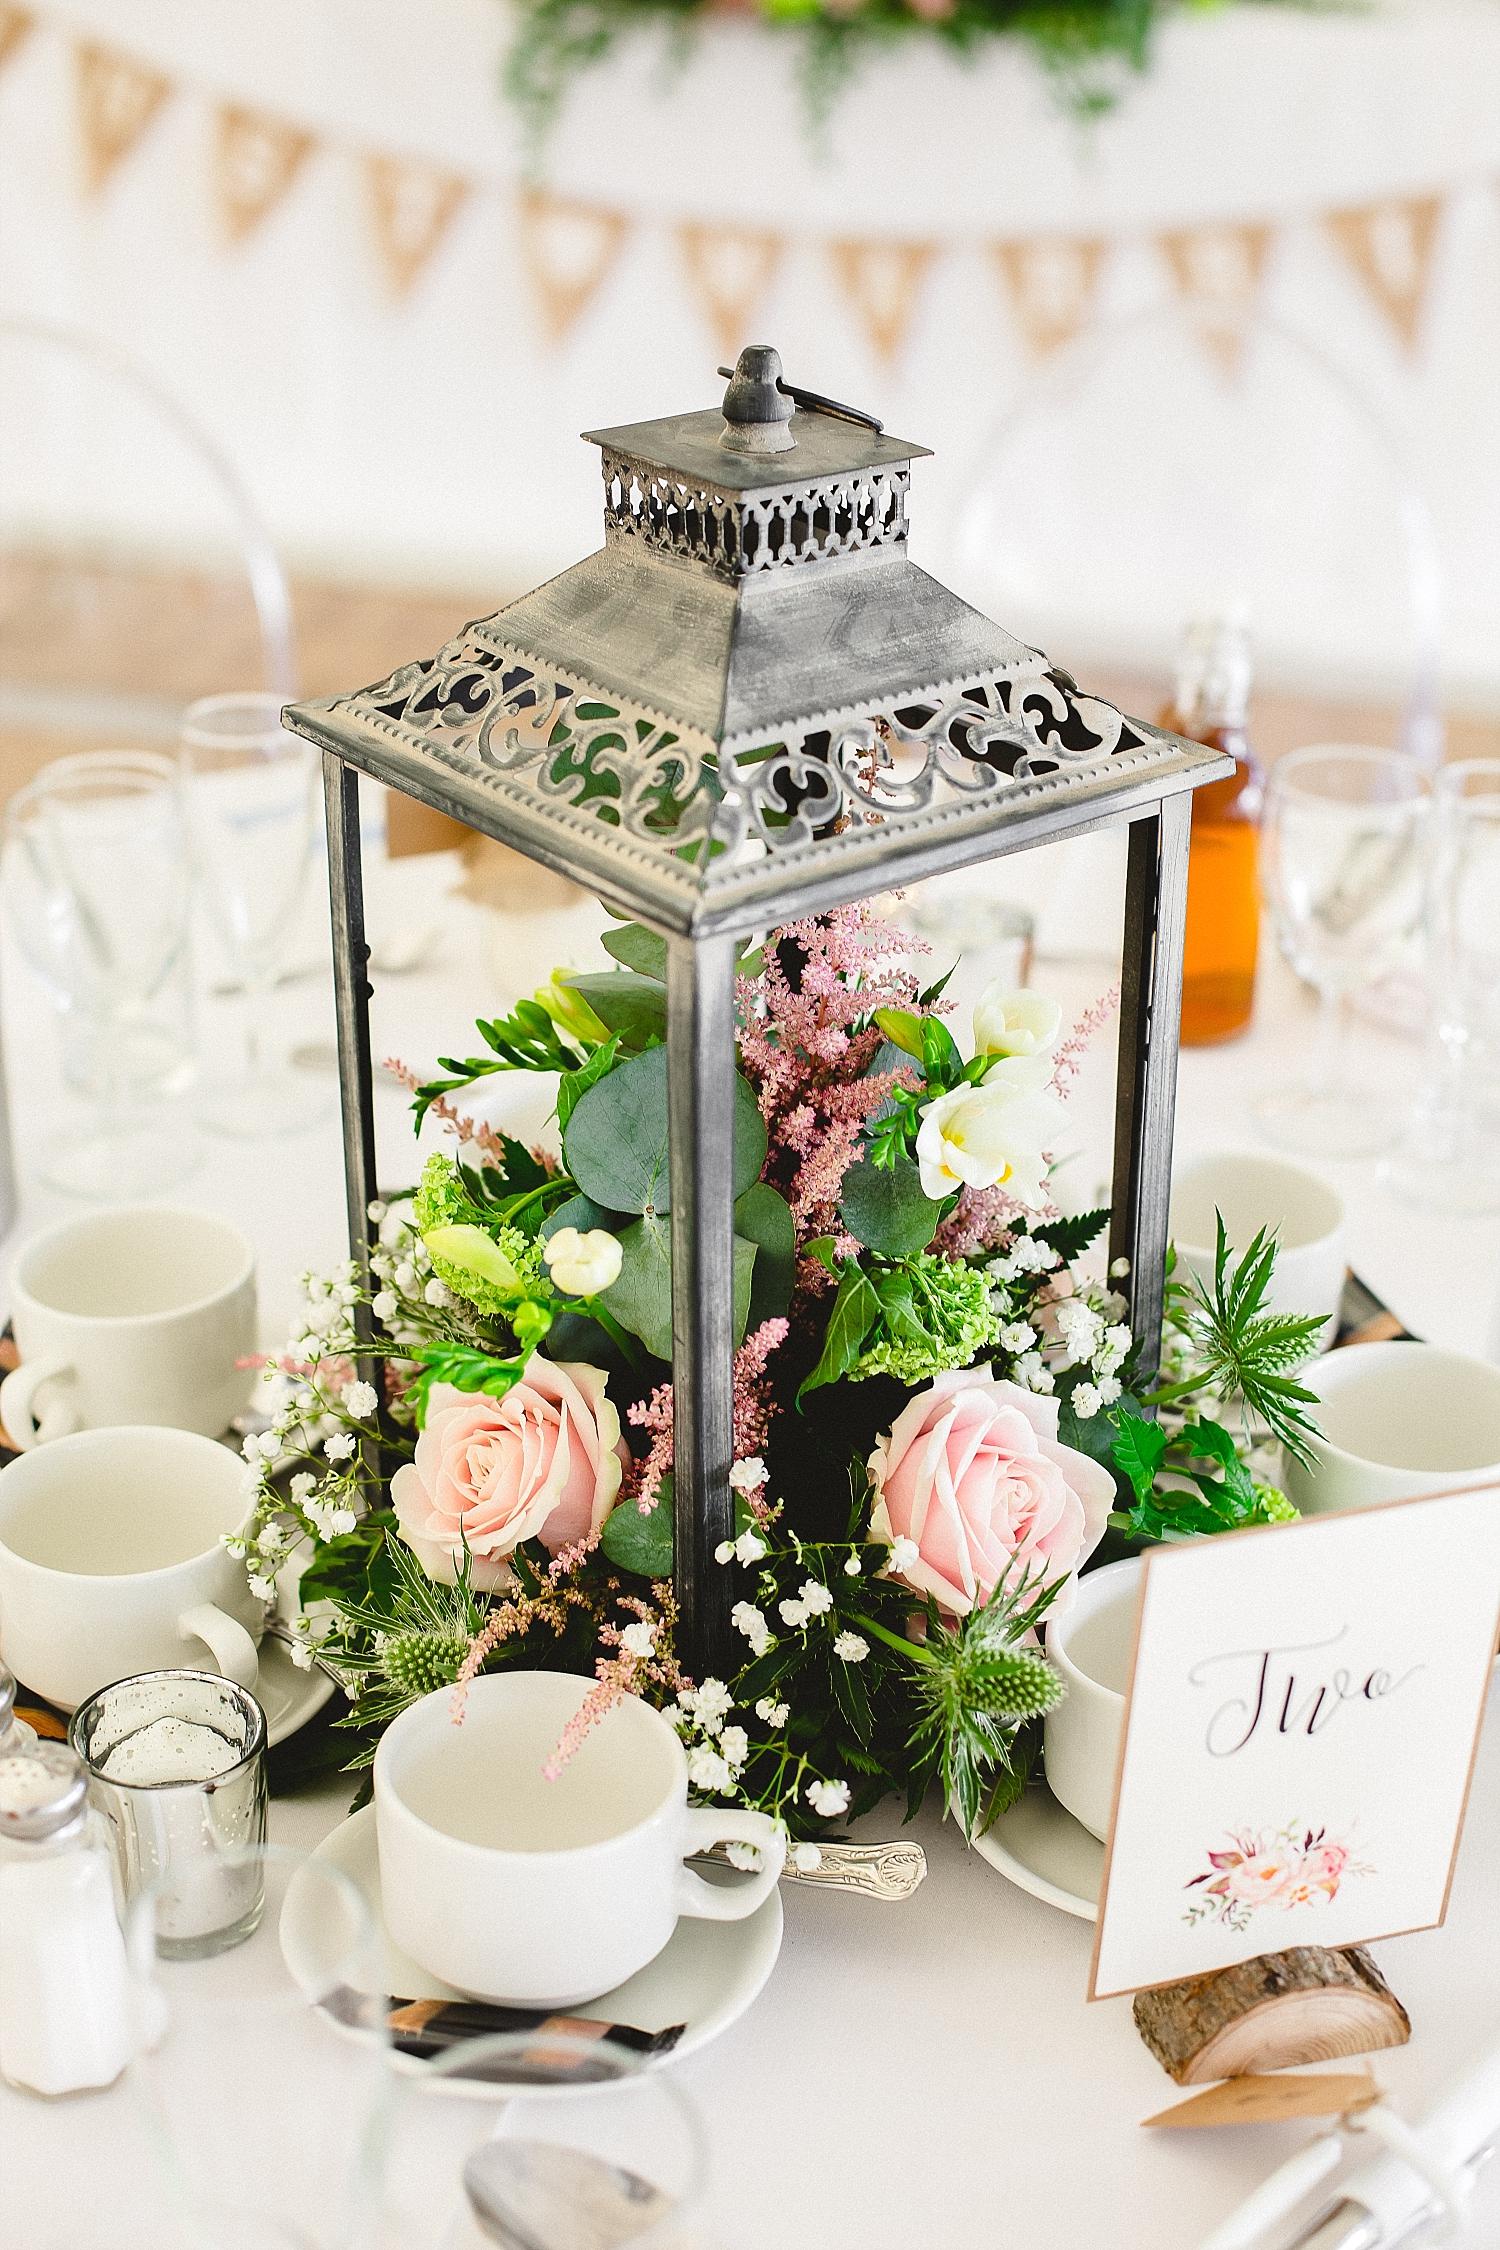 Moor Hall Wedding Venue - Reception Floral Details